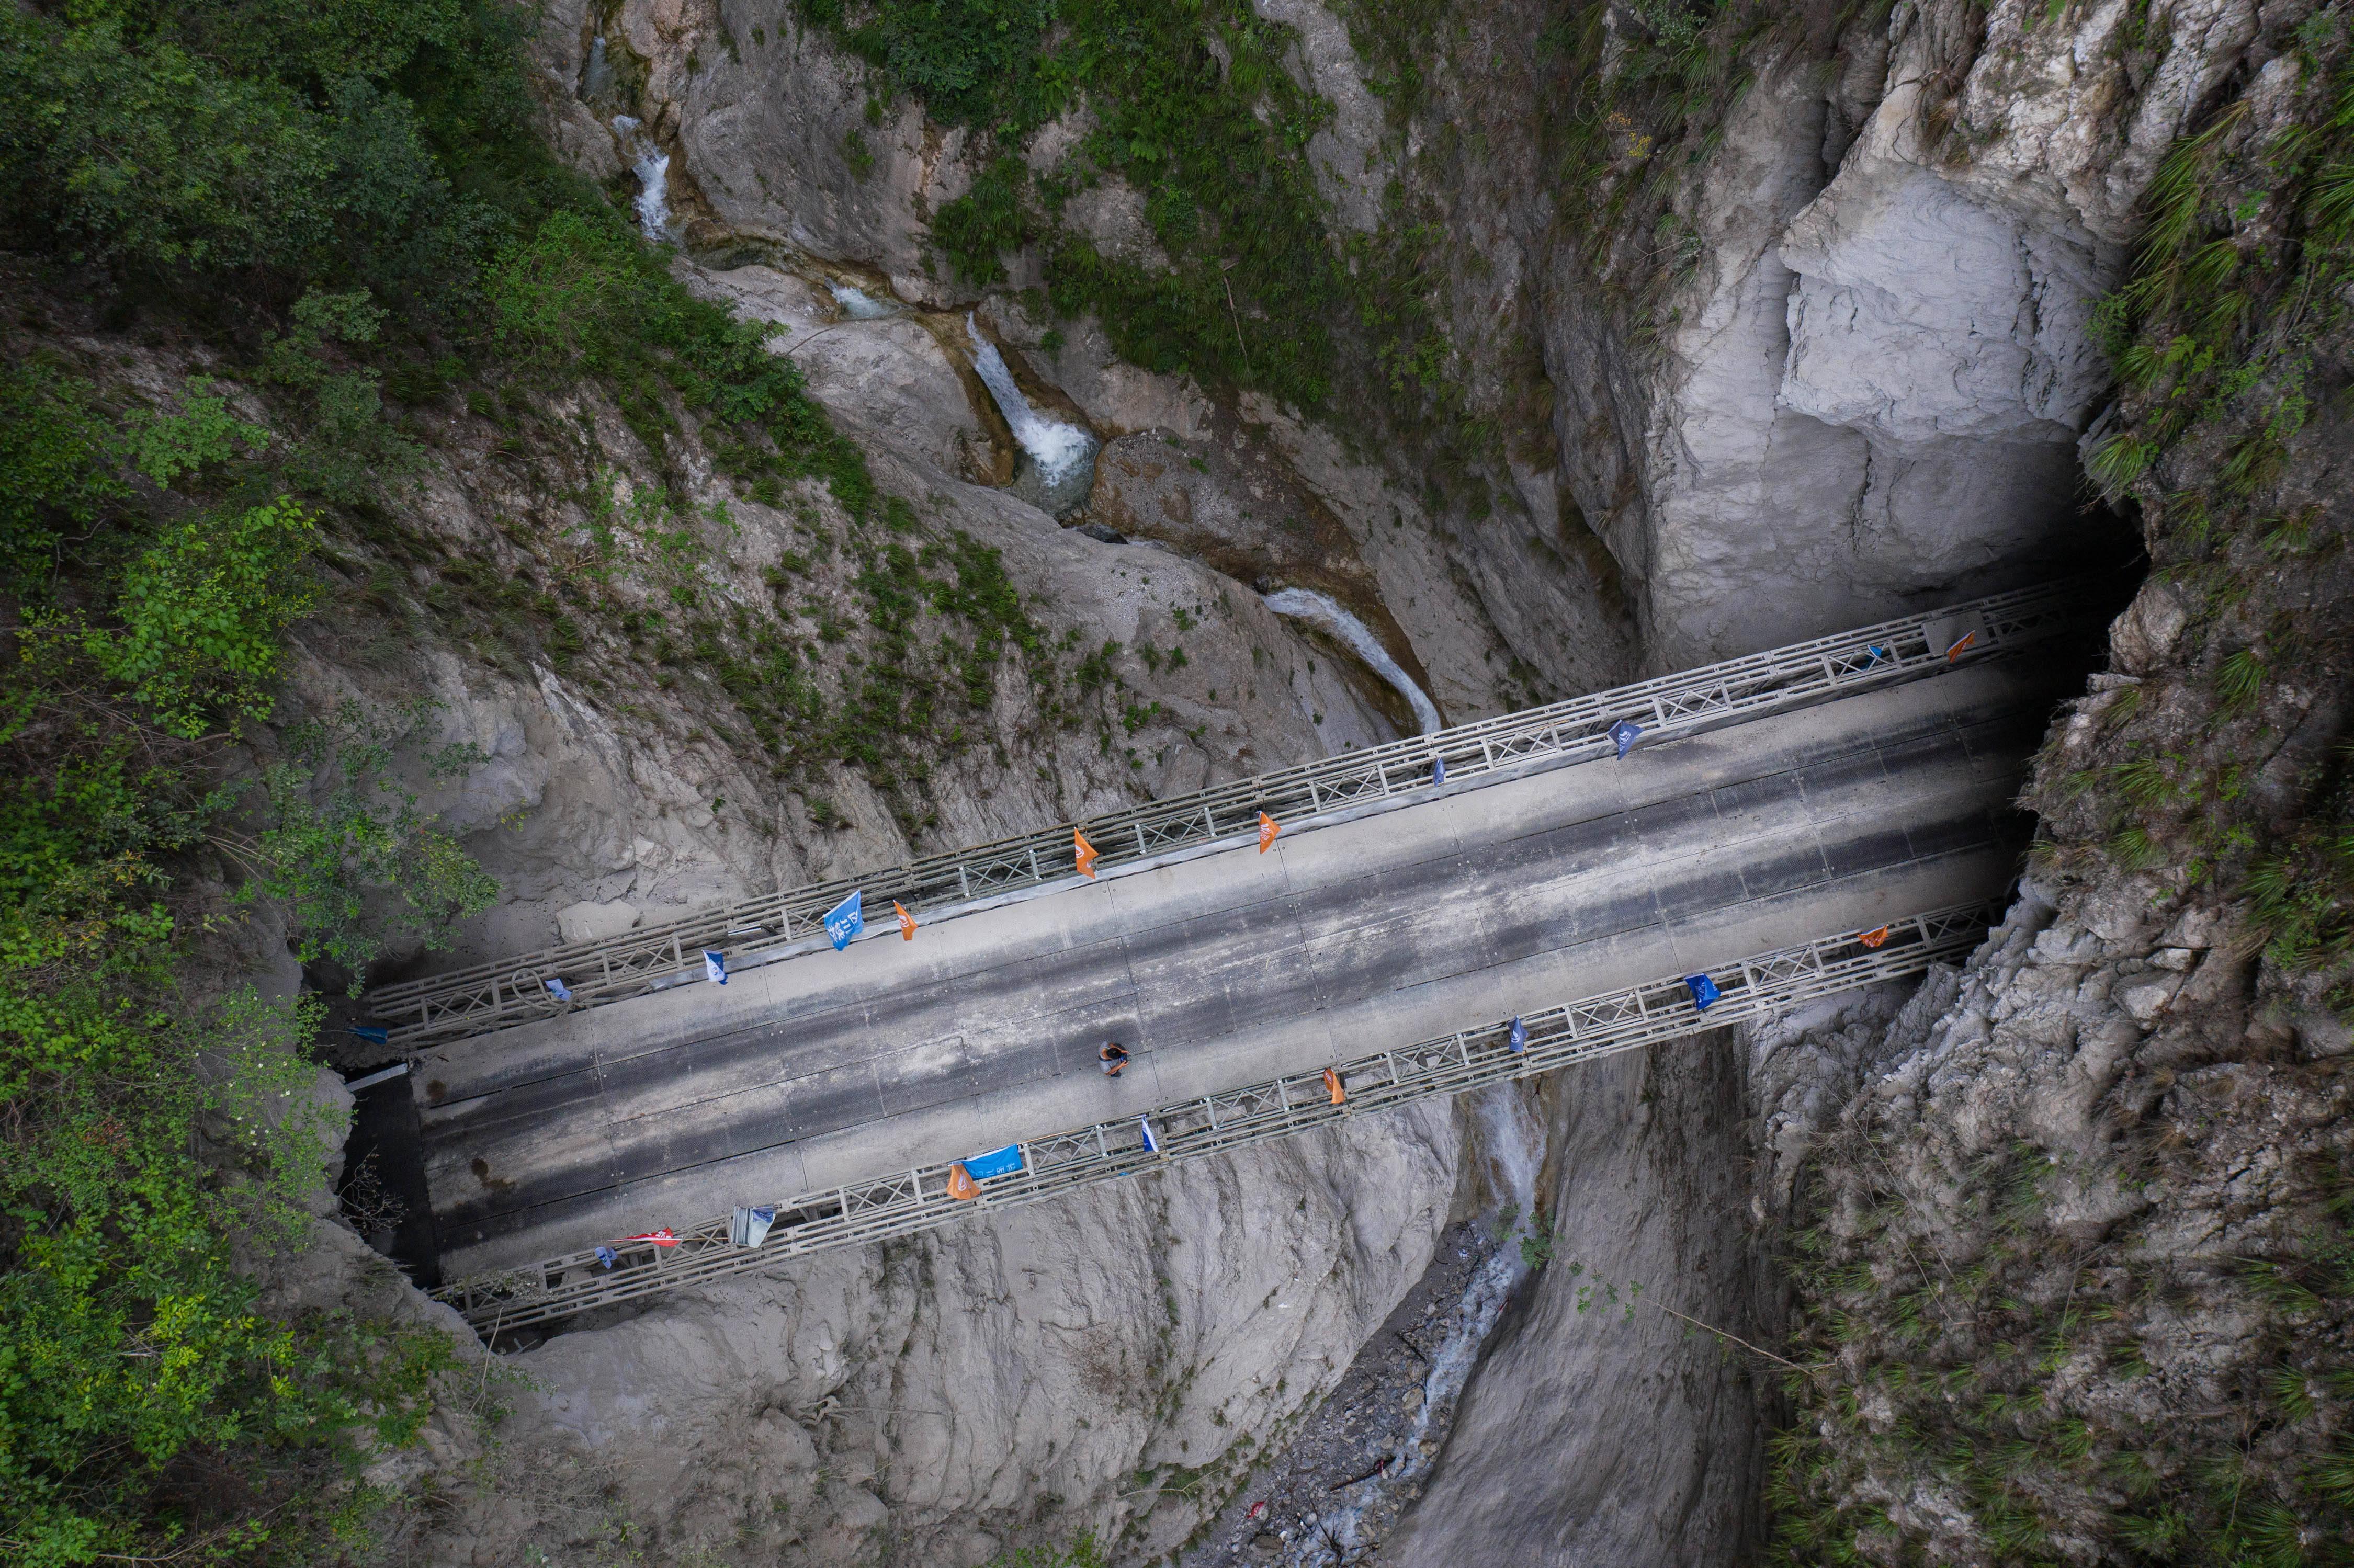 阿布洛哈|我国最后一个具备条件通硬化路的建制村阿布洛哈村通车了